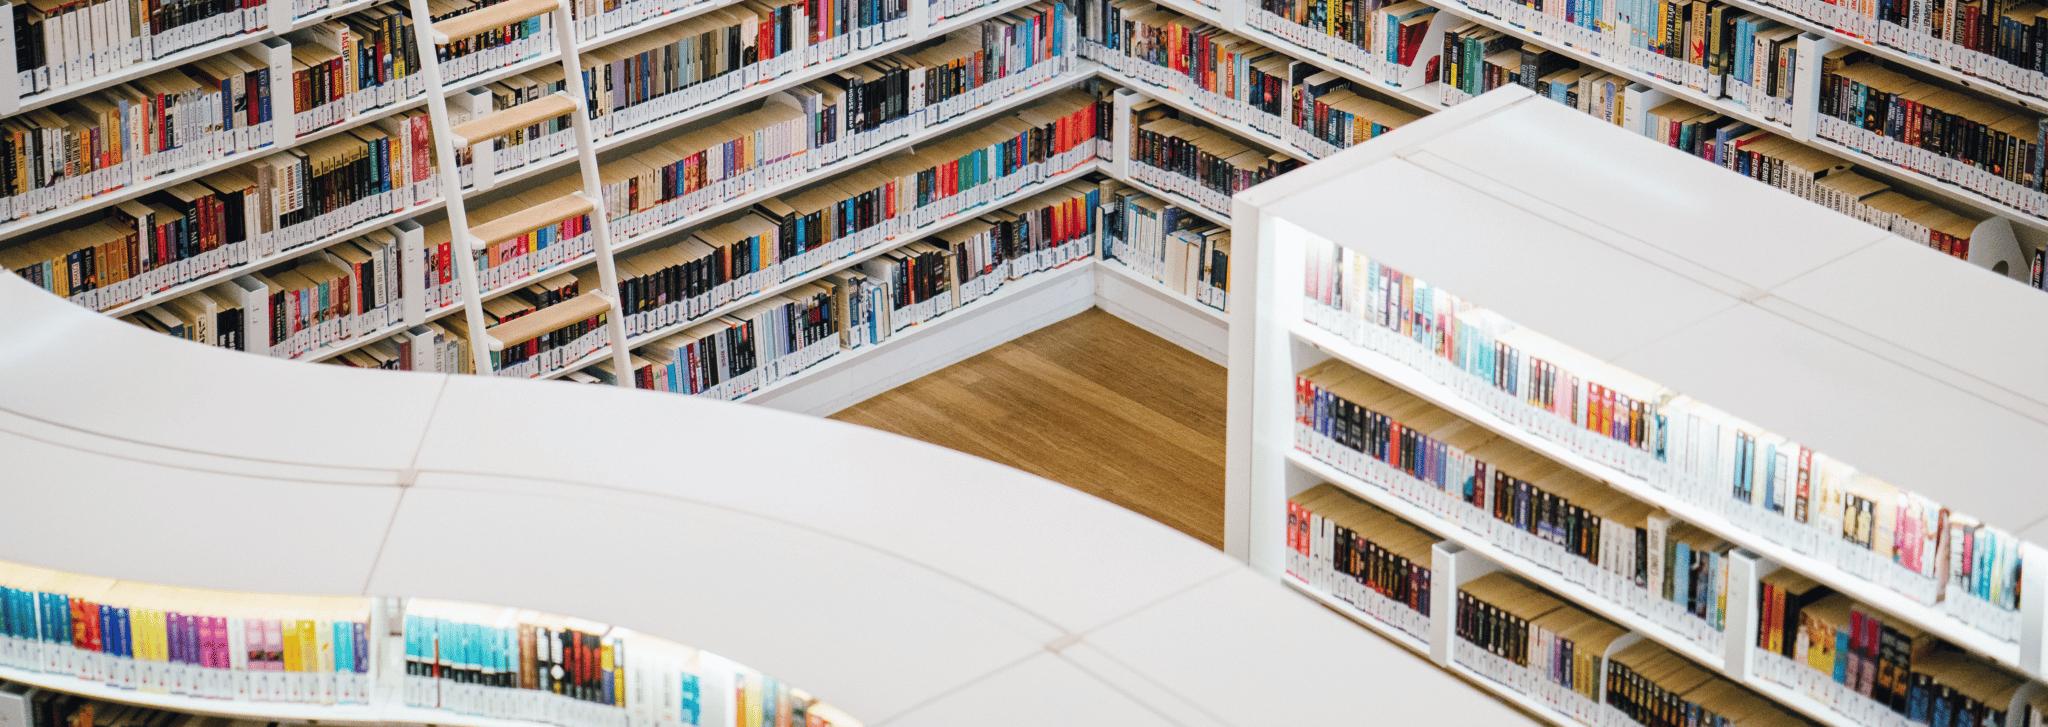 Transformation digitale et marketing digital : les livres à lire en 2019 !!!